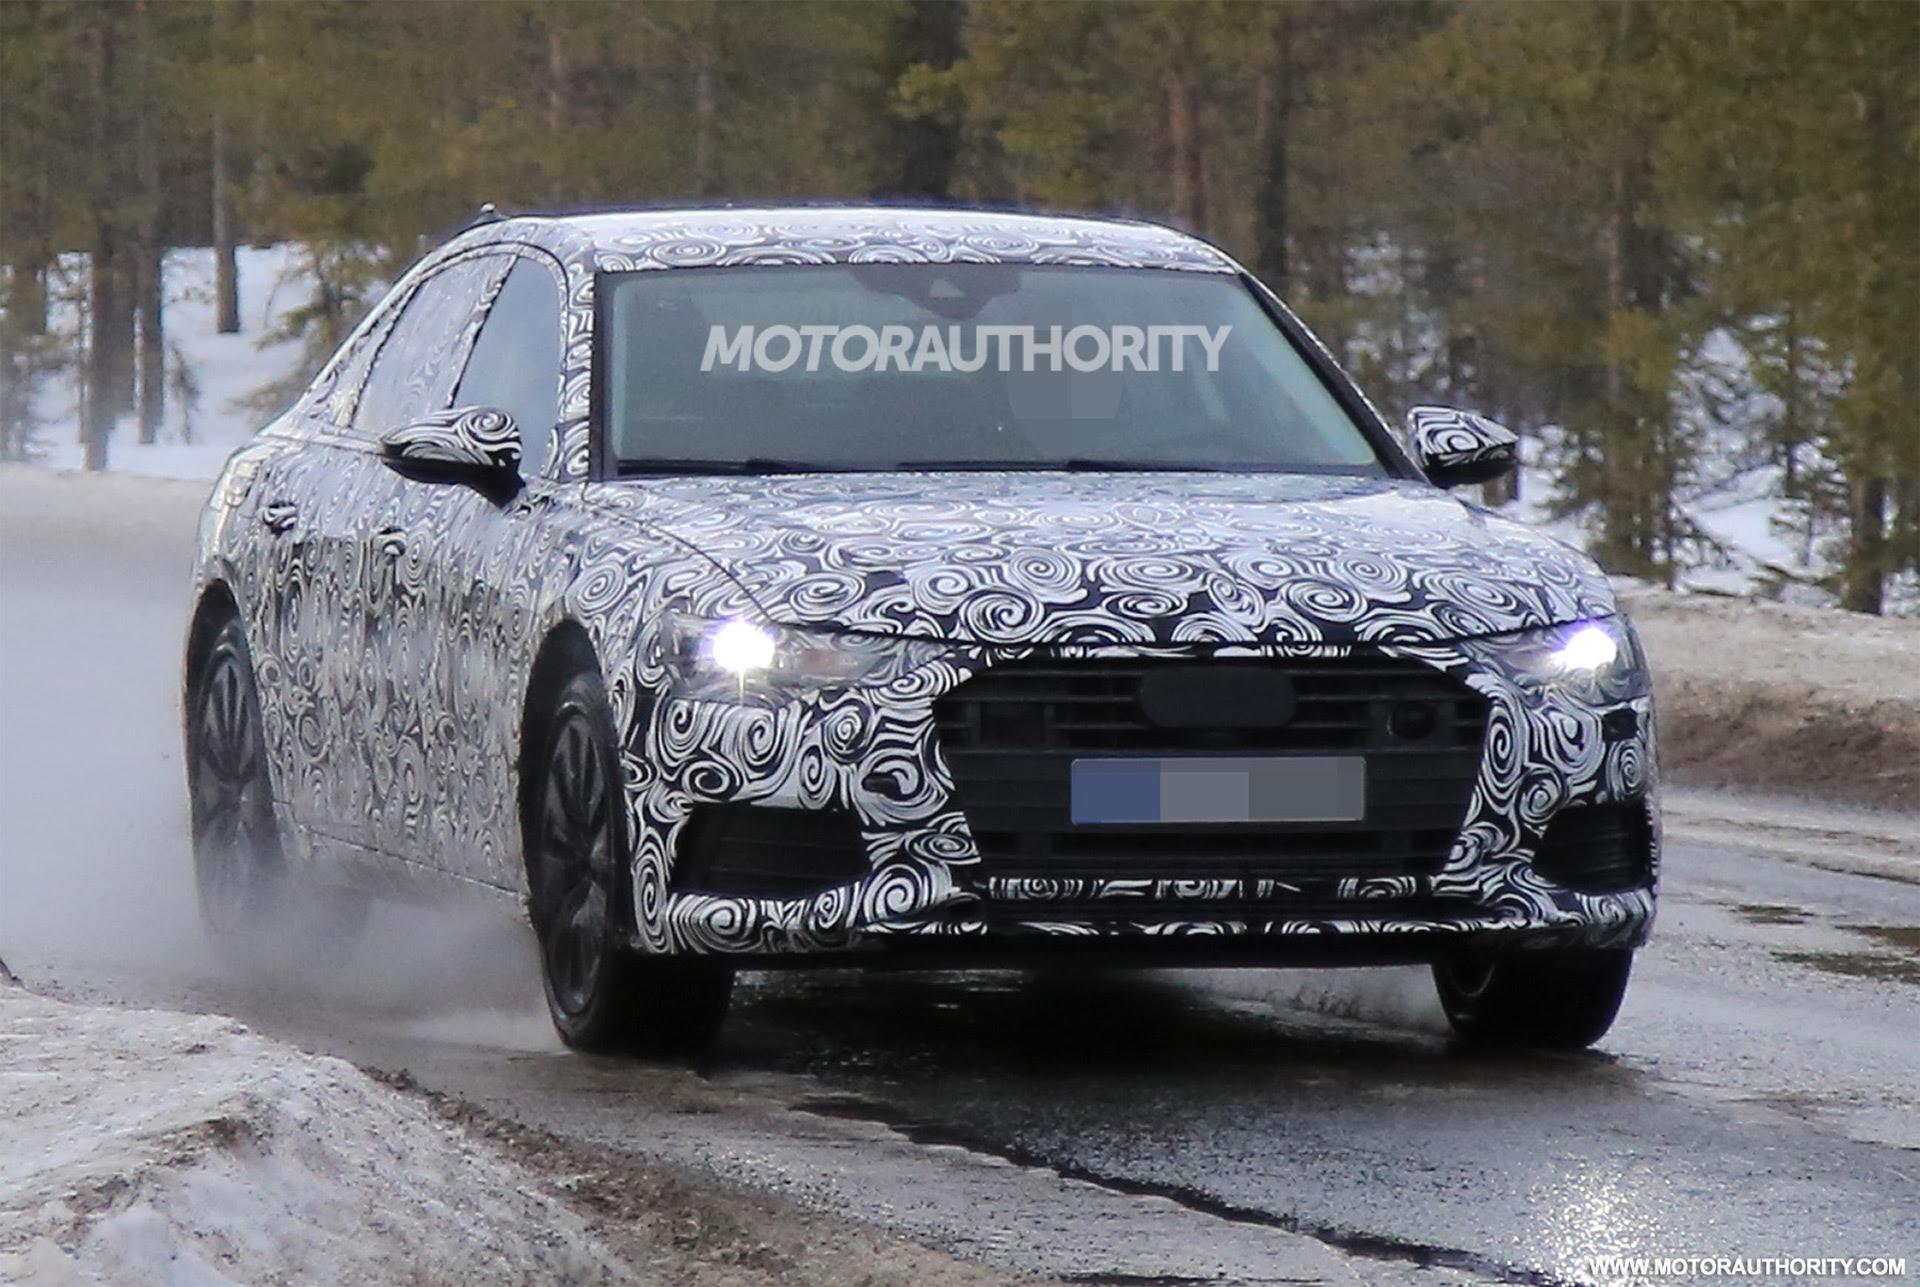 2019 Audi A6 spy shots